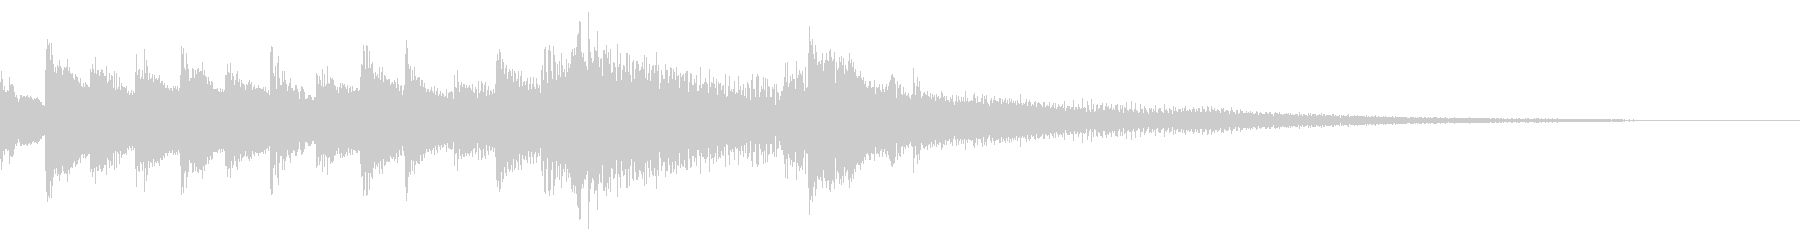 シンプルで少し幻想的なピアノジングルの未再生の波形